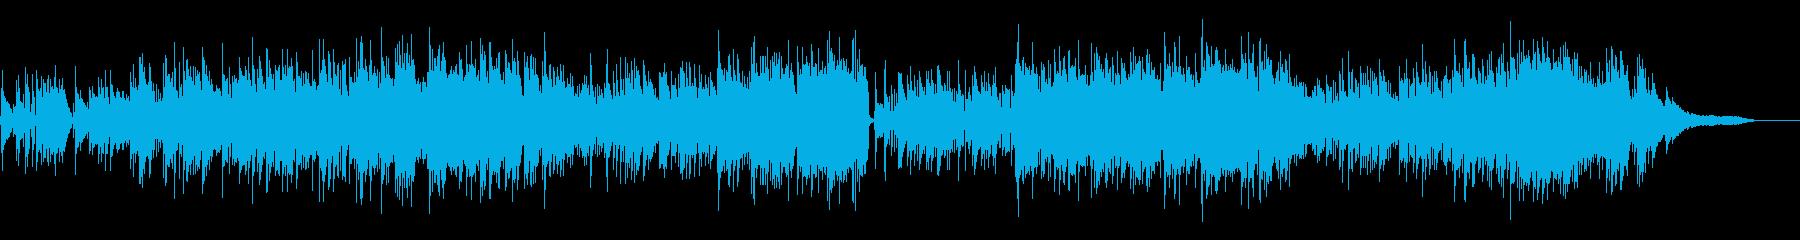 【ドラムなし】哀愁メロディーのボサノバの再生済みの波形